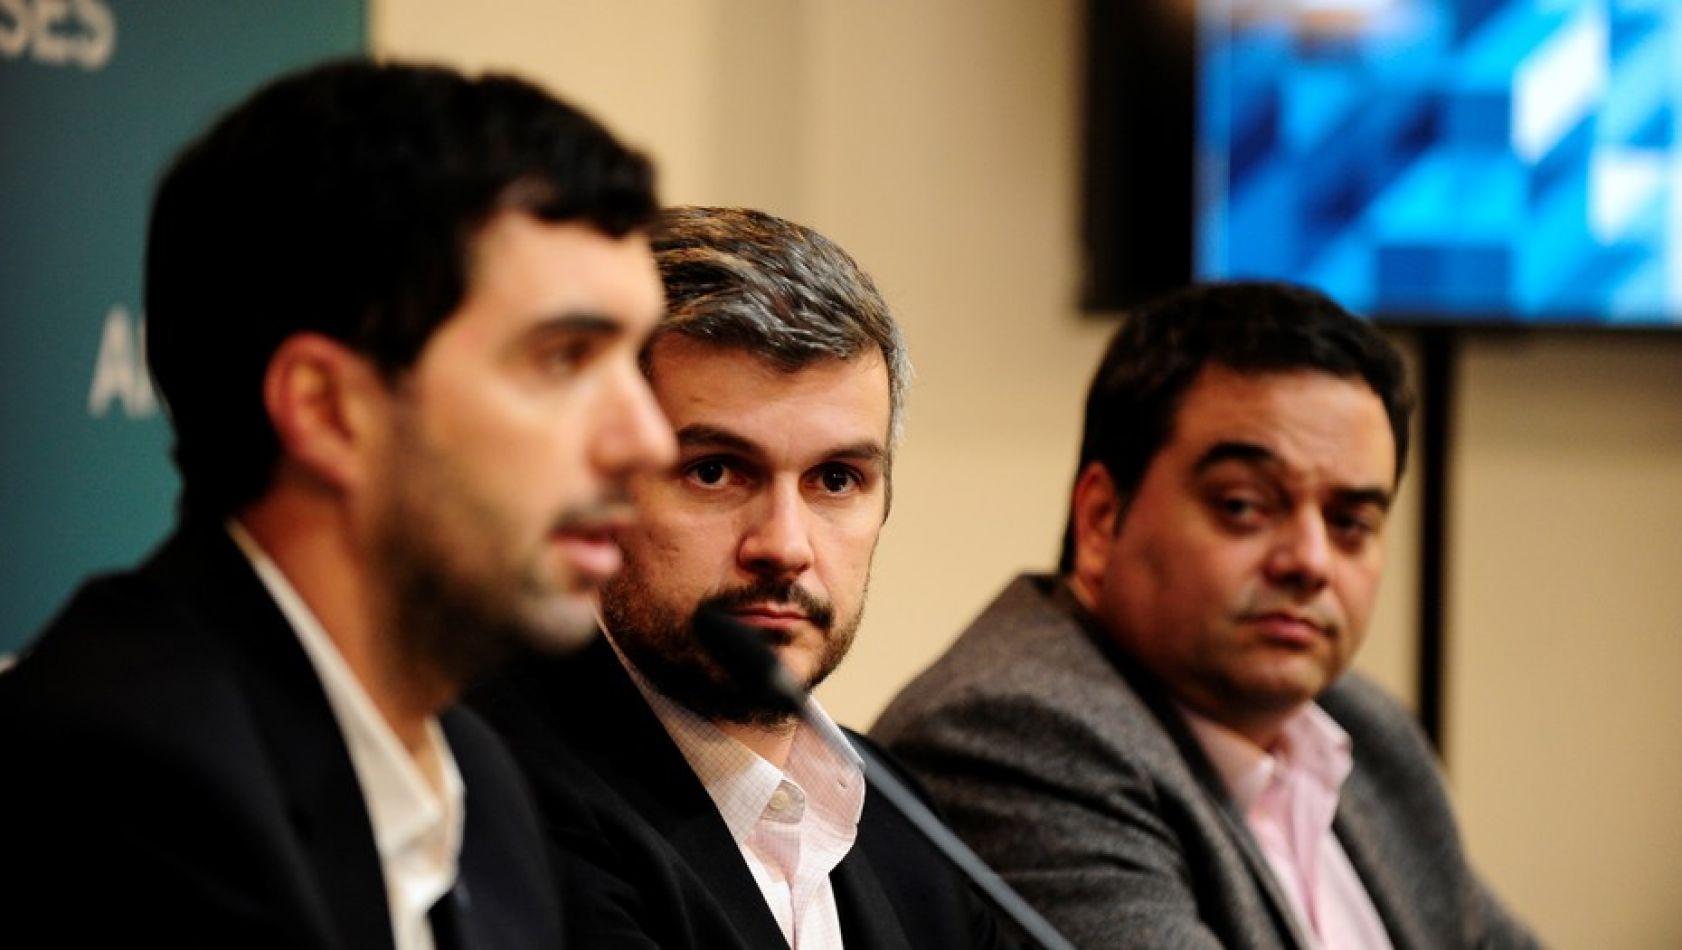 El titular de la ANSeS, Emilio Basavilbaso, con el jefe de Gabinete, Marcos Peña, y el ministro de Trabajo, Jorge Triaca.